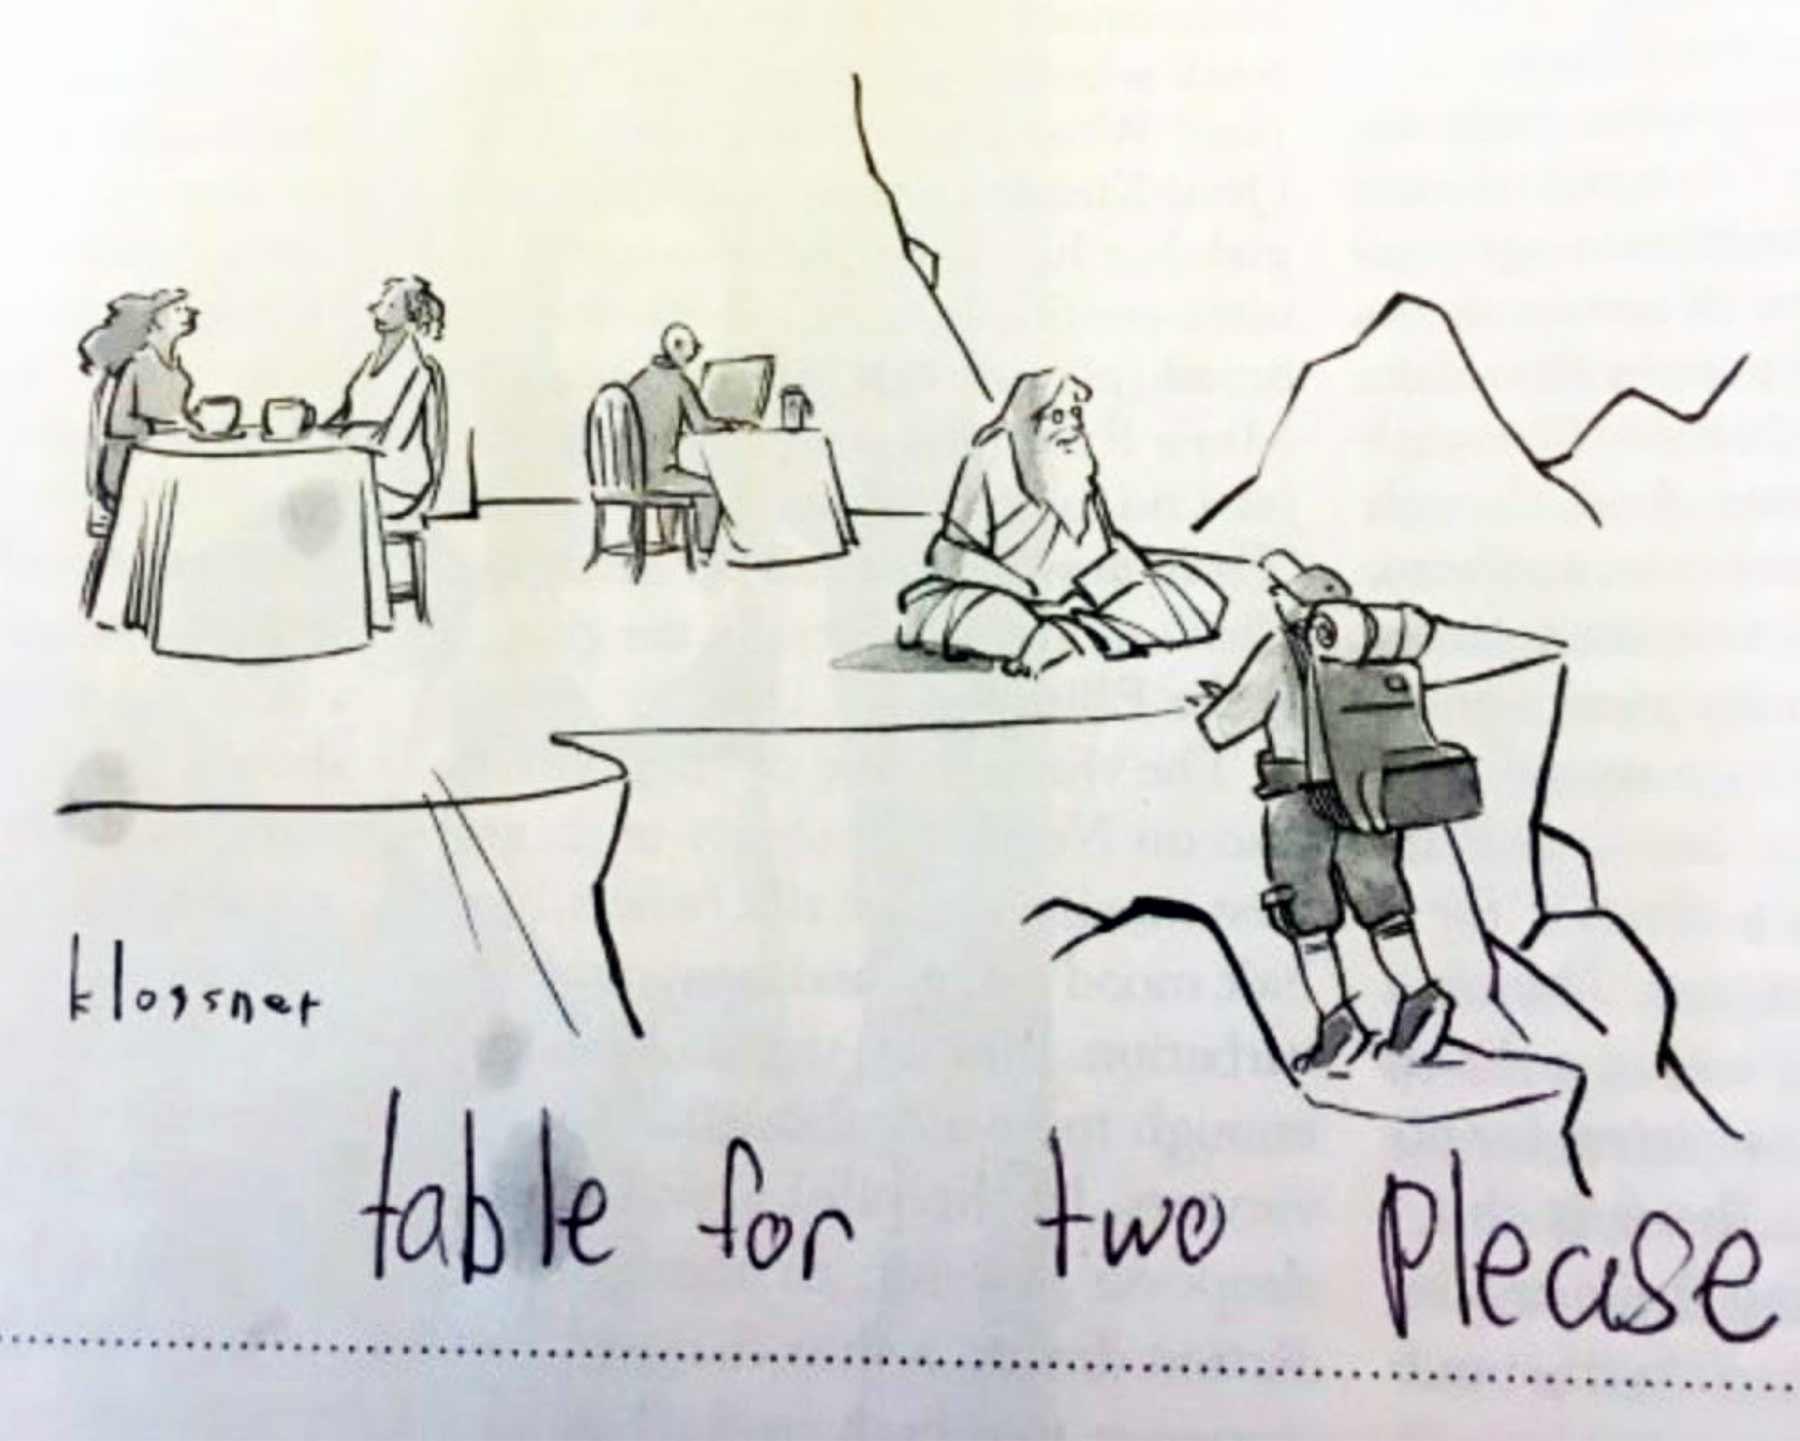 Die urkomischen Bildunterschriften einer 9-Jährigen bess-kalb-alice-kind-bildunterschriften_06